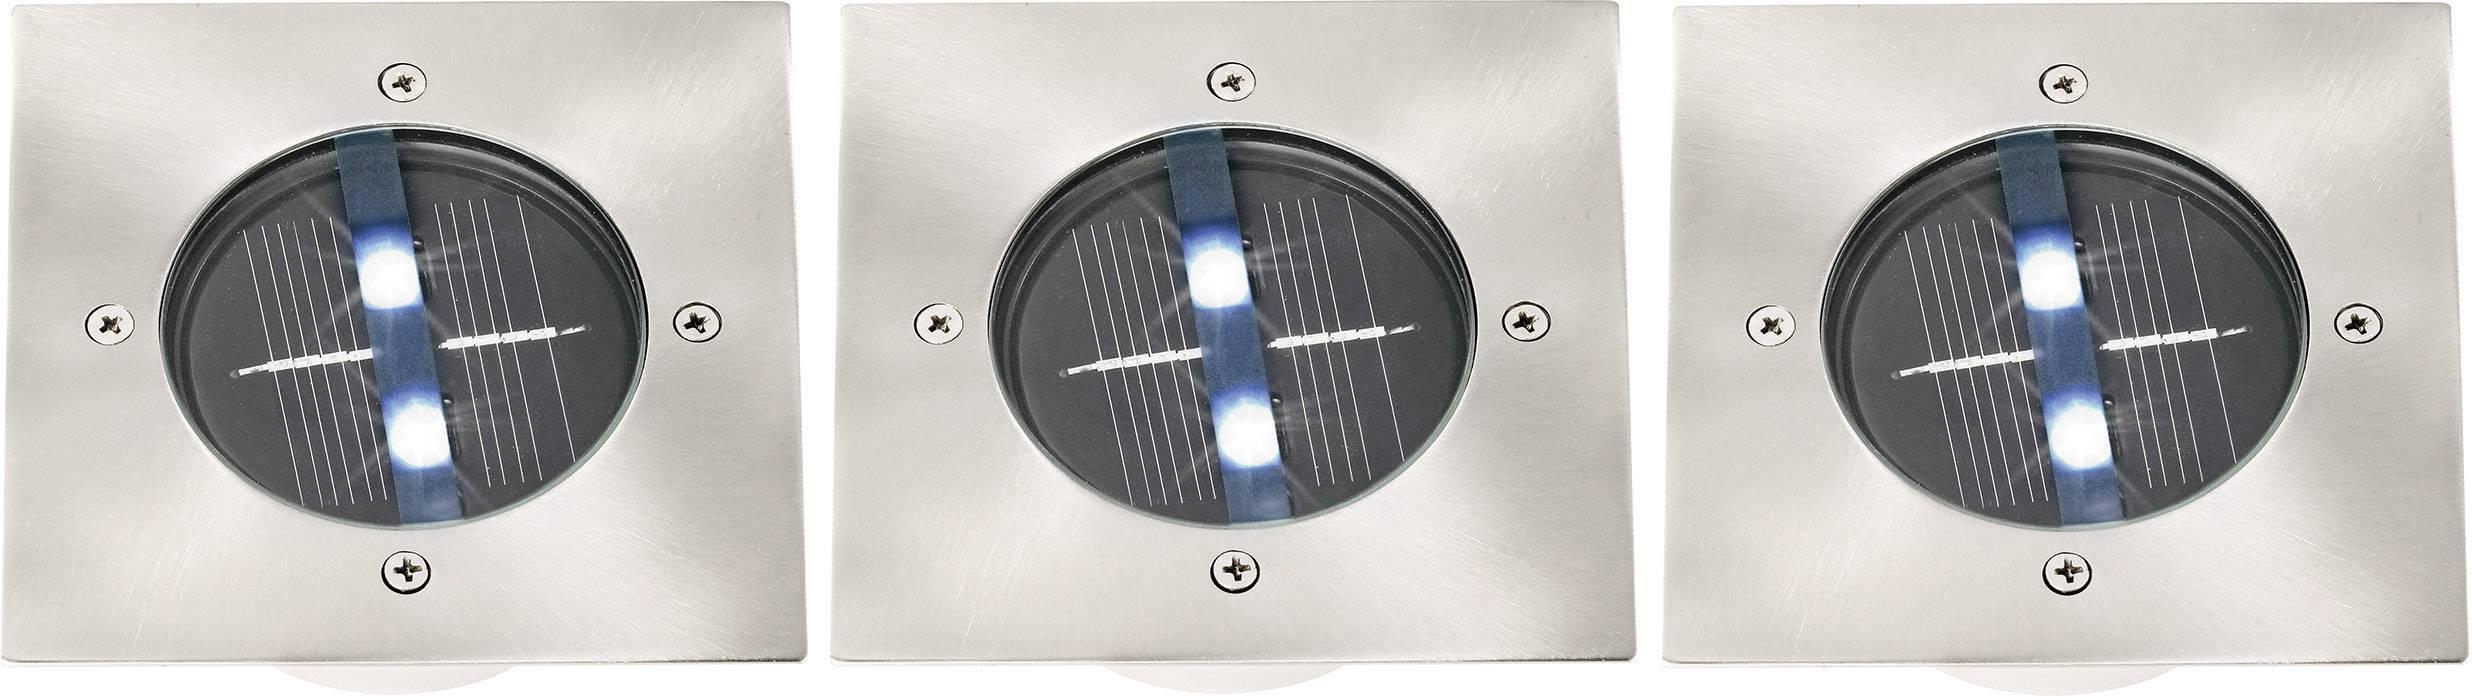 Venkovní solární vestavné svítidlo do podlahy, IP67, sada 3 ks